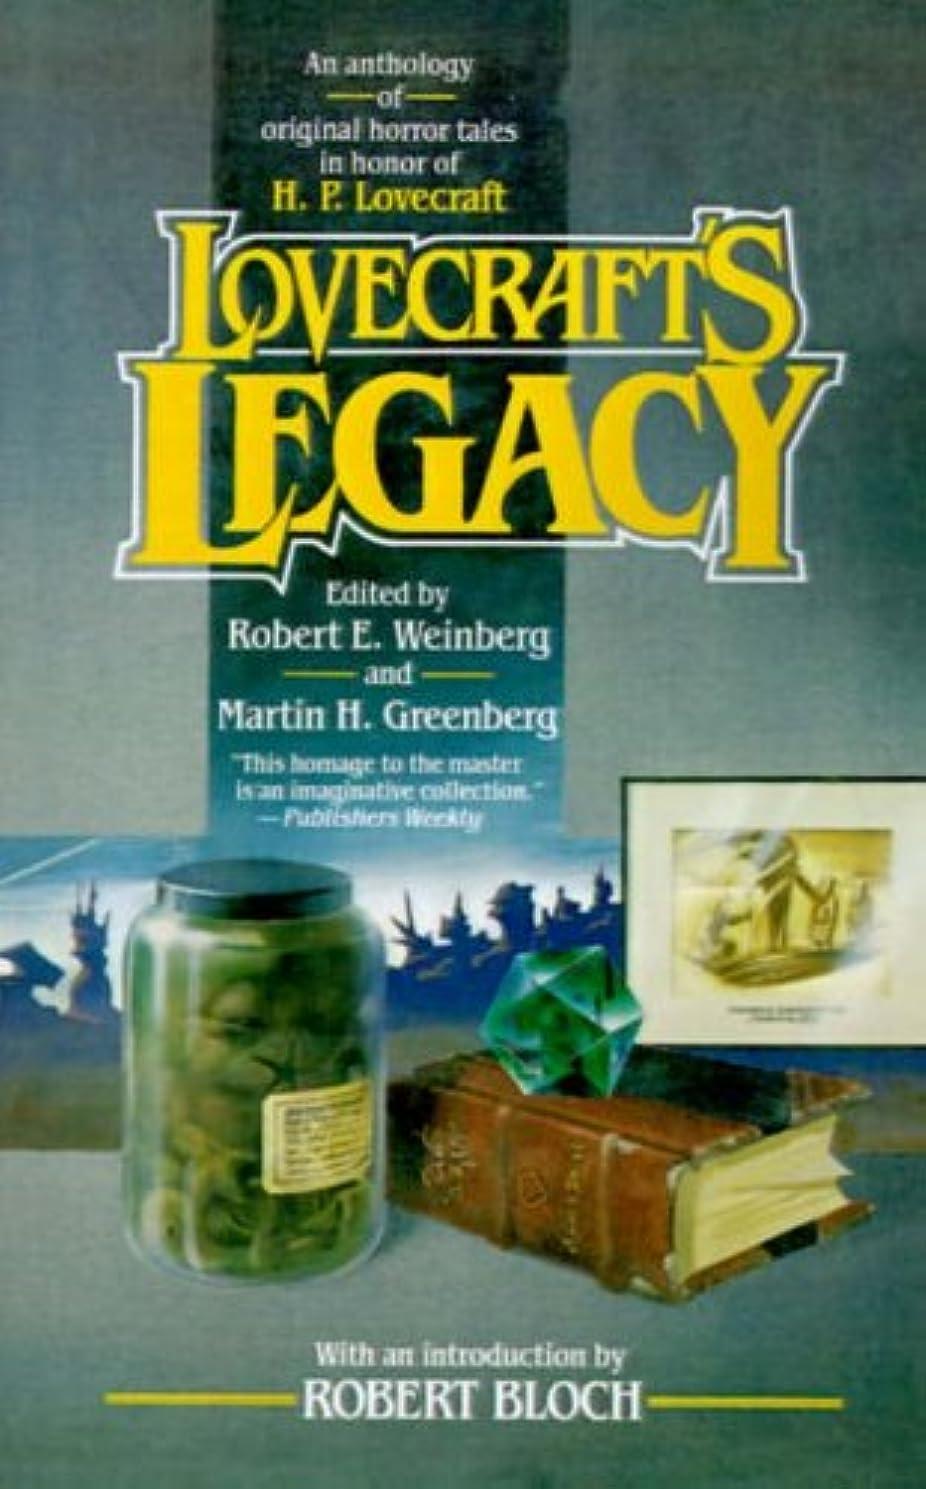 ほめるアイドル生きているLovecraft's Legacy: A Centennial Celebration of H.P. Lovecraft